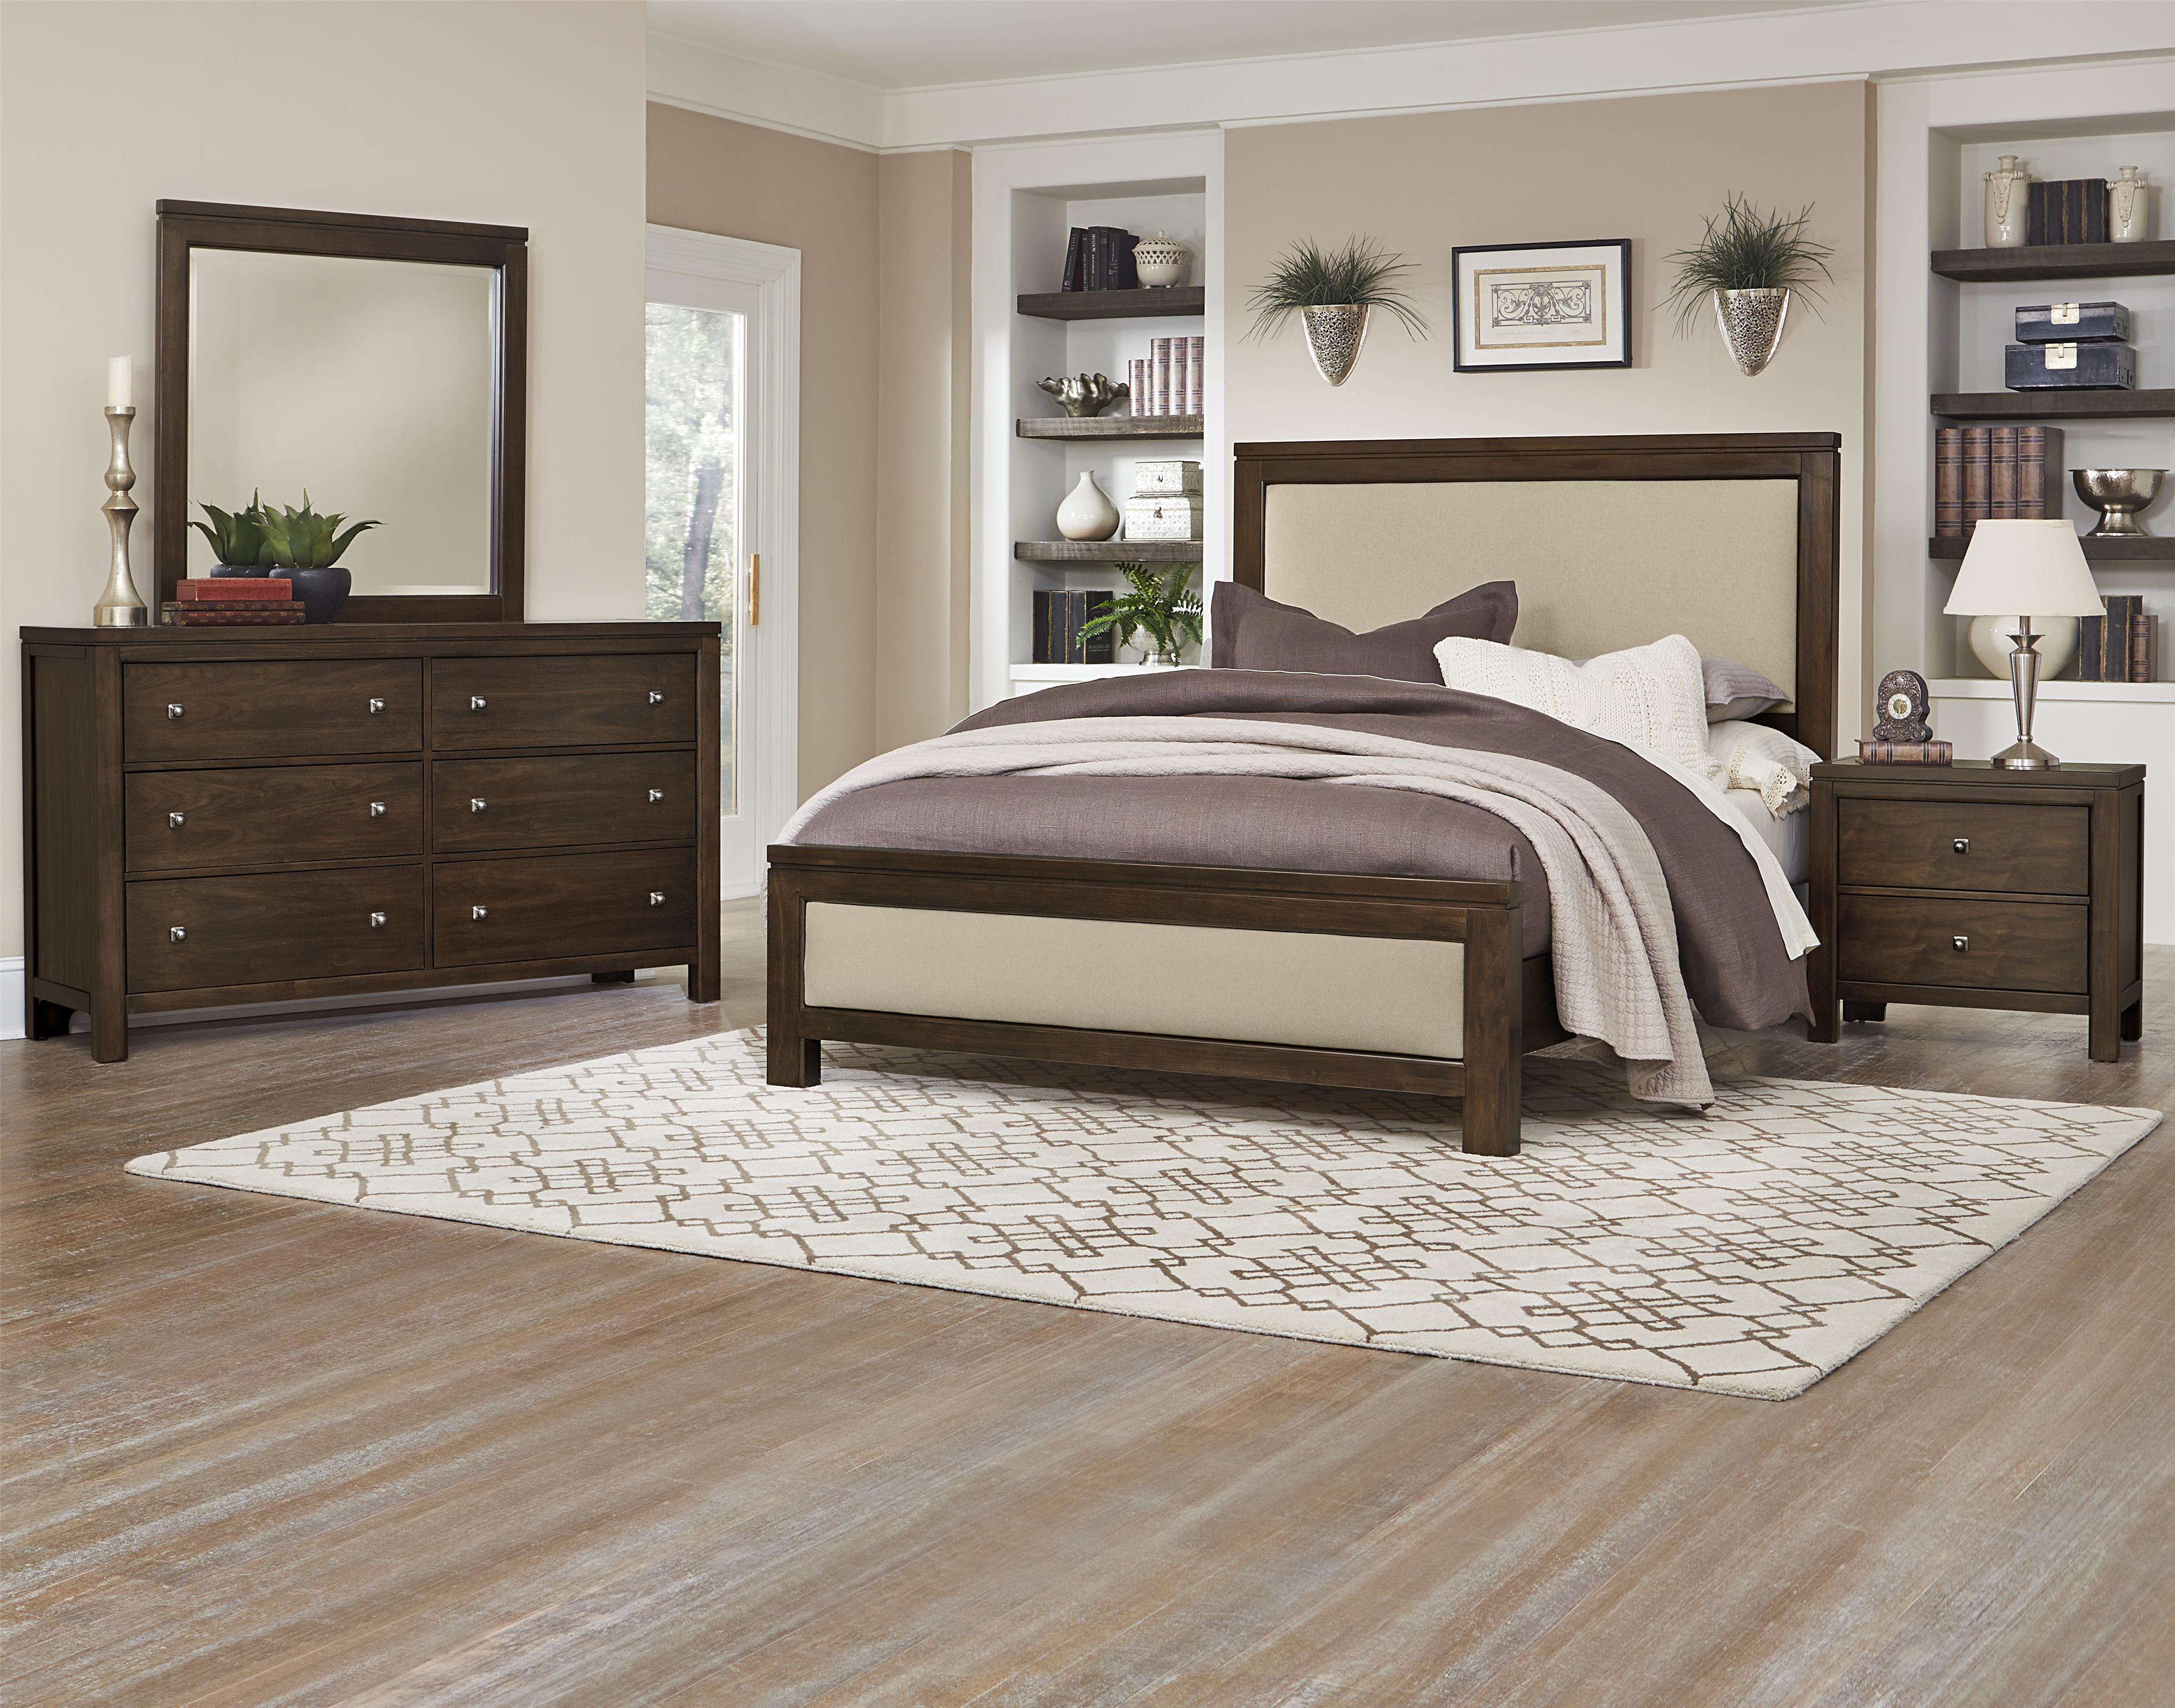 Vaughan Bassett Kismet King Bedroom Group - Item Number: 410 K Bedroom Group 2